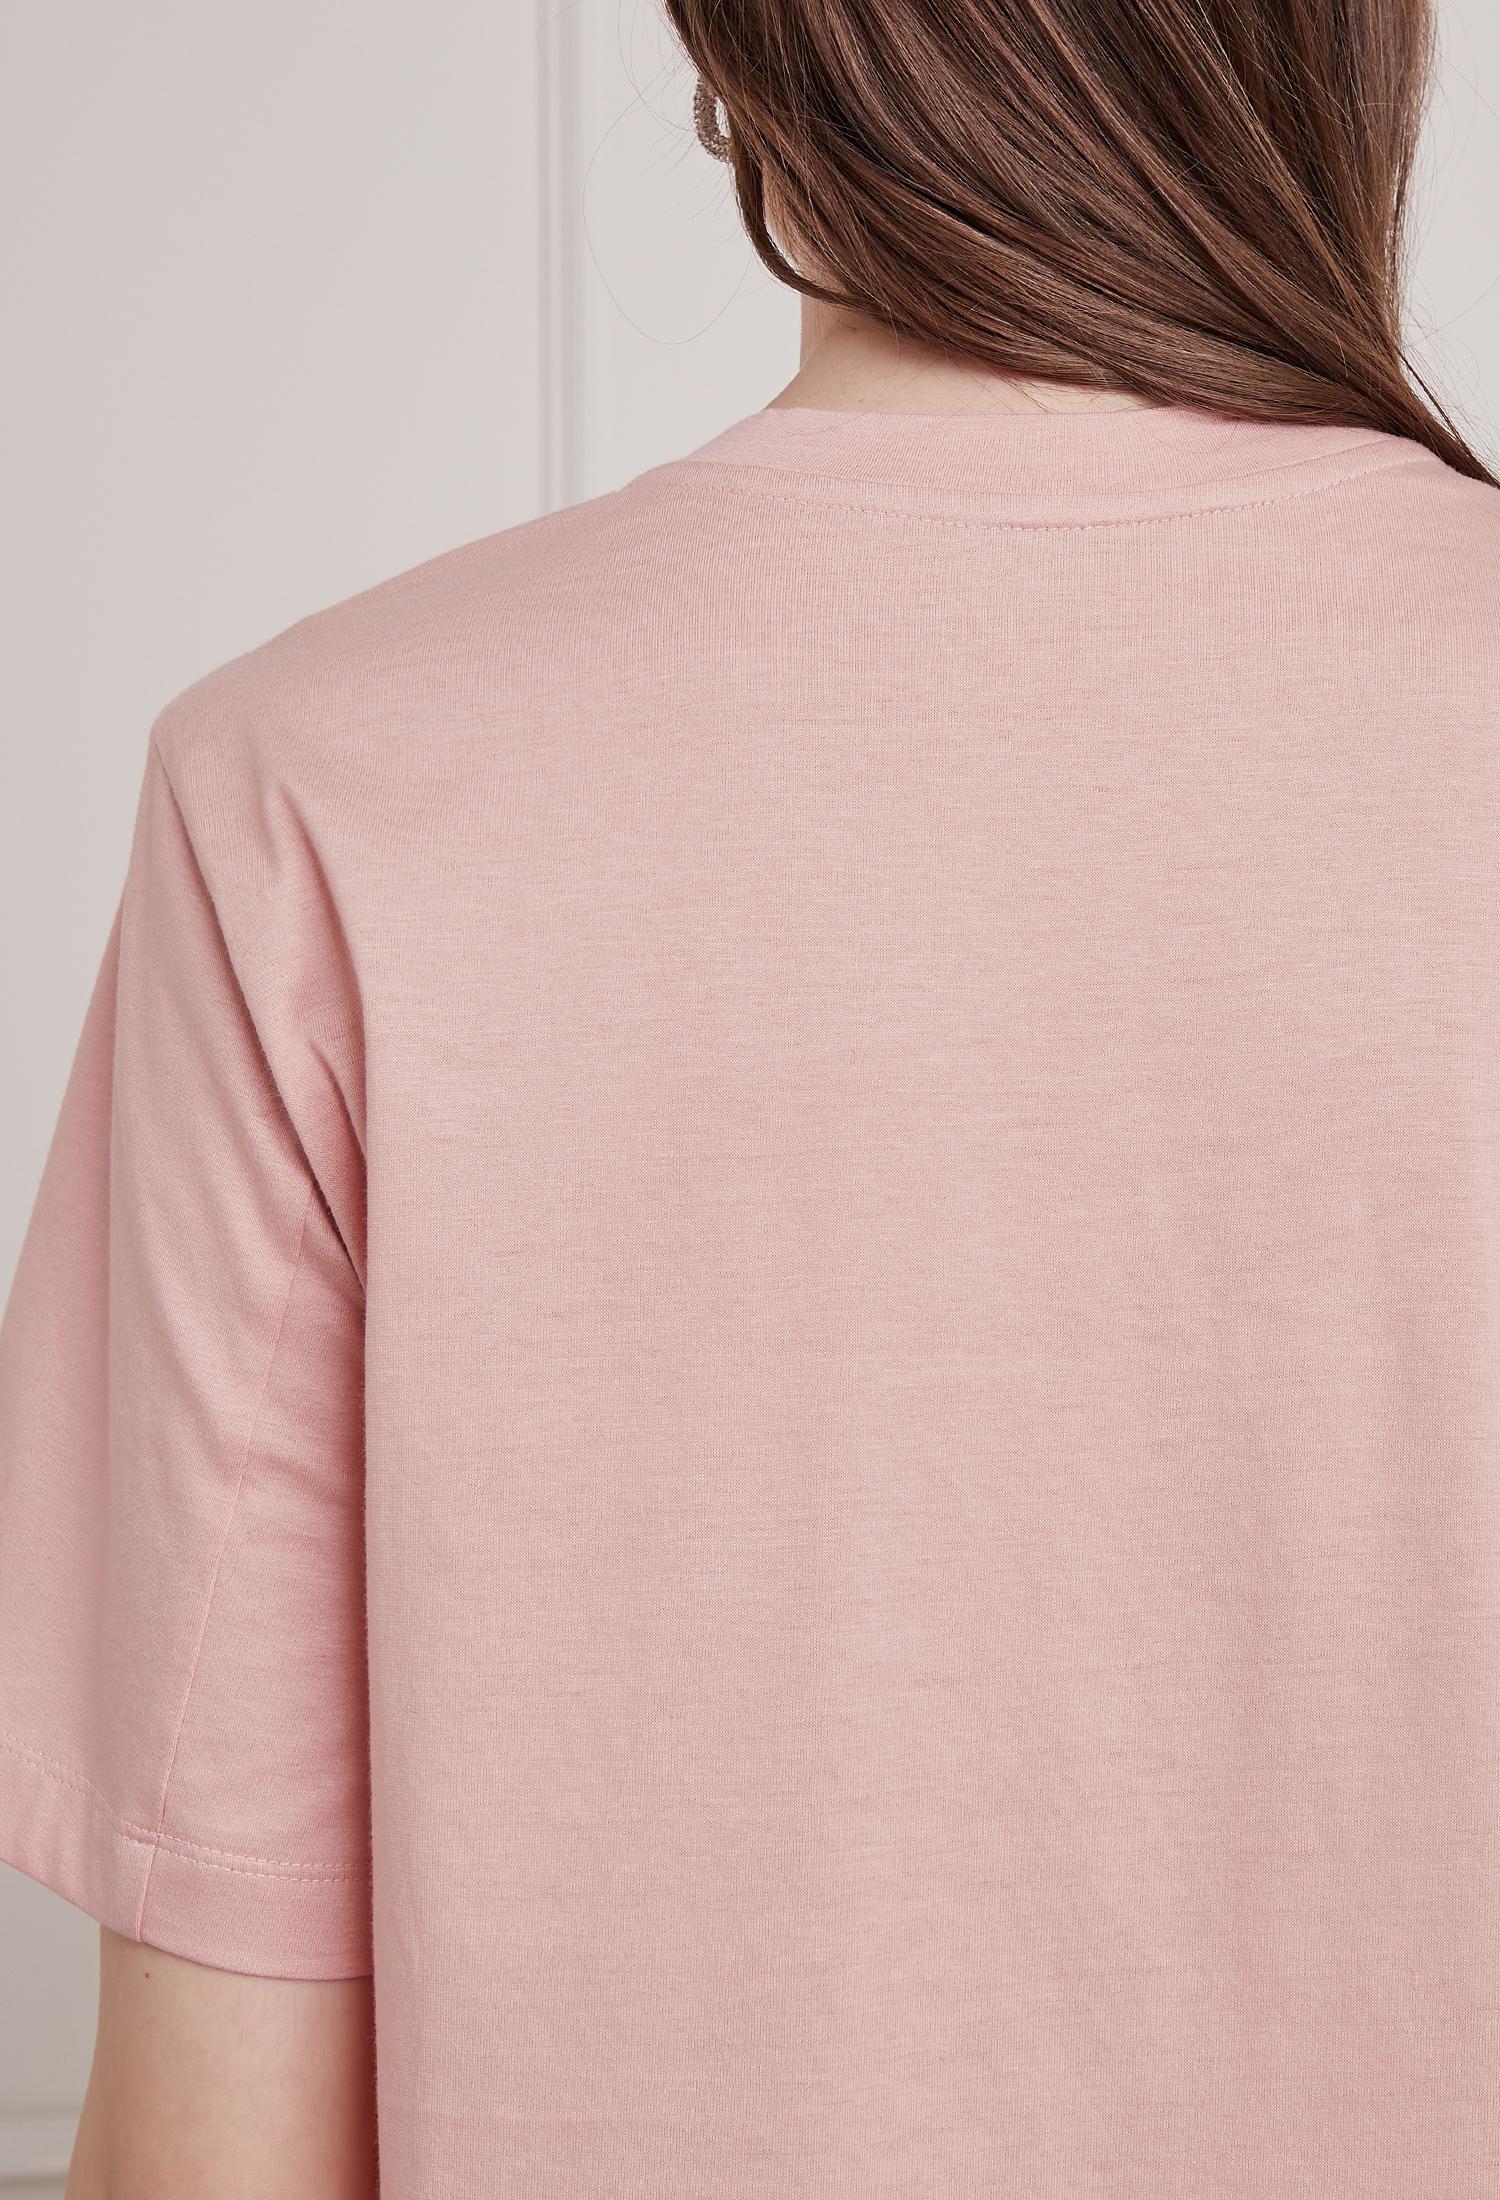 코튼 하트 자수 프린팅 티셔츠 (PINK)